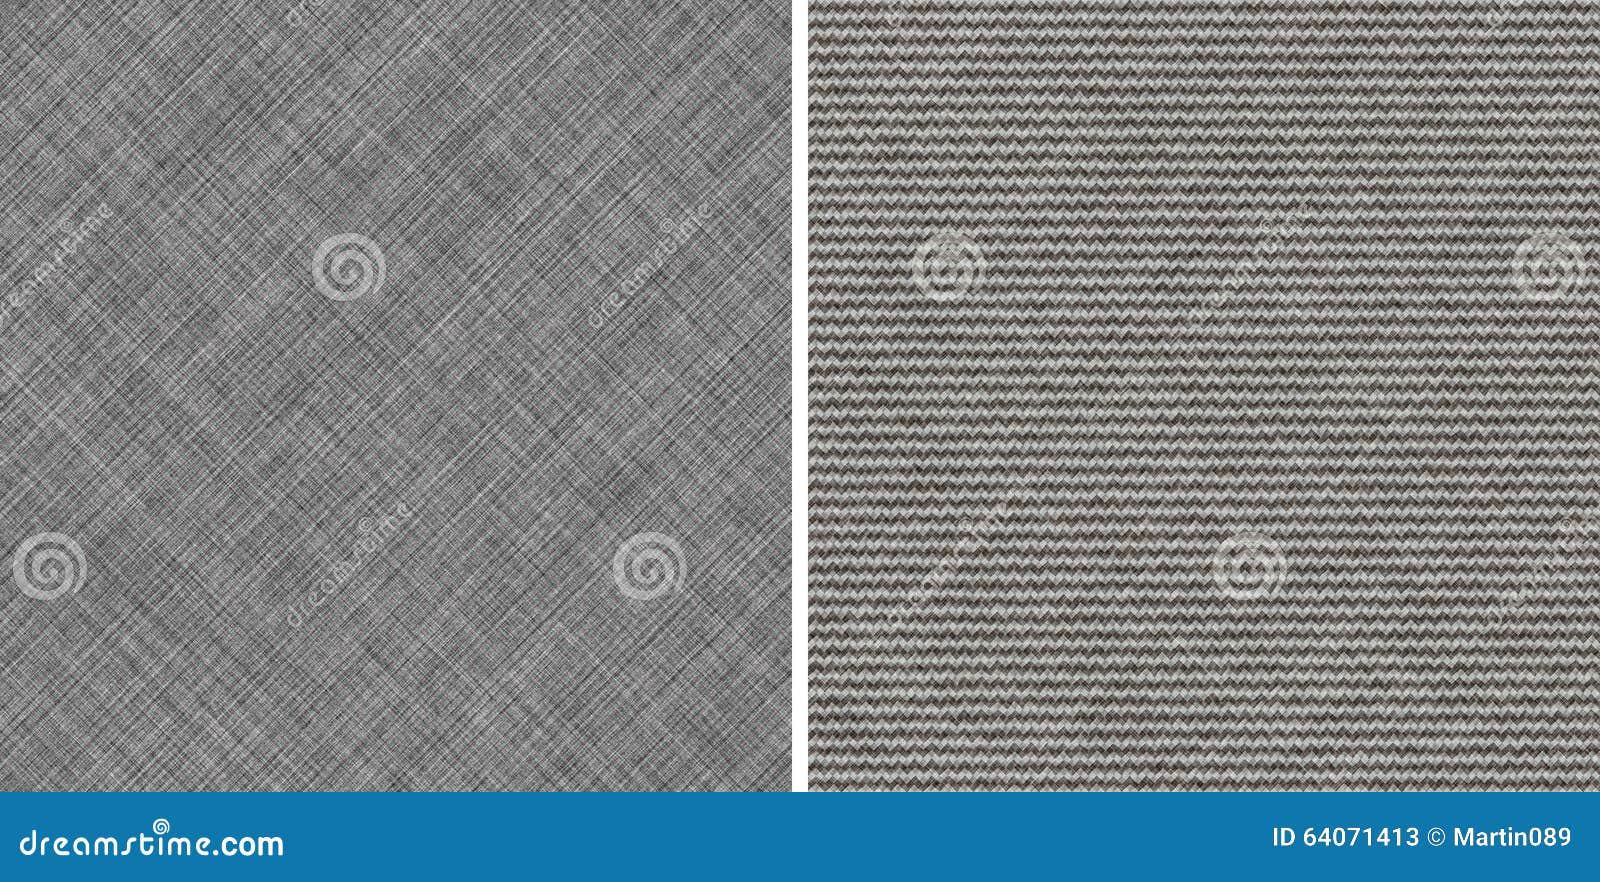 Bezszwowa elegancka szara tkanina